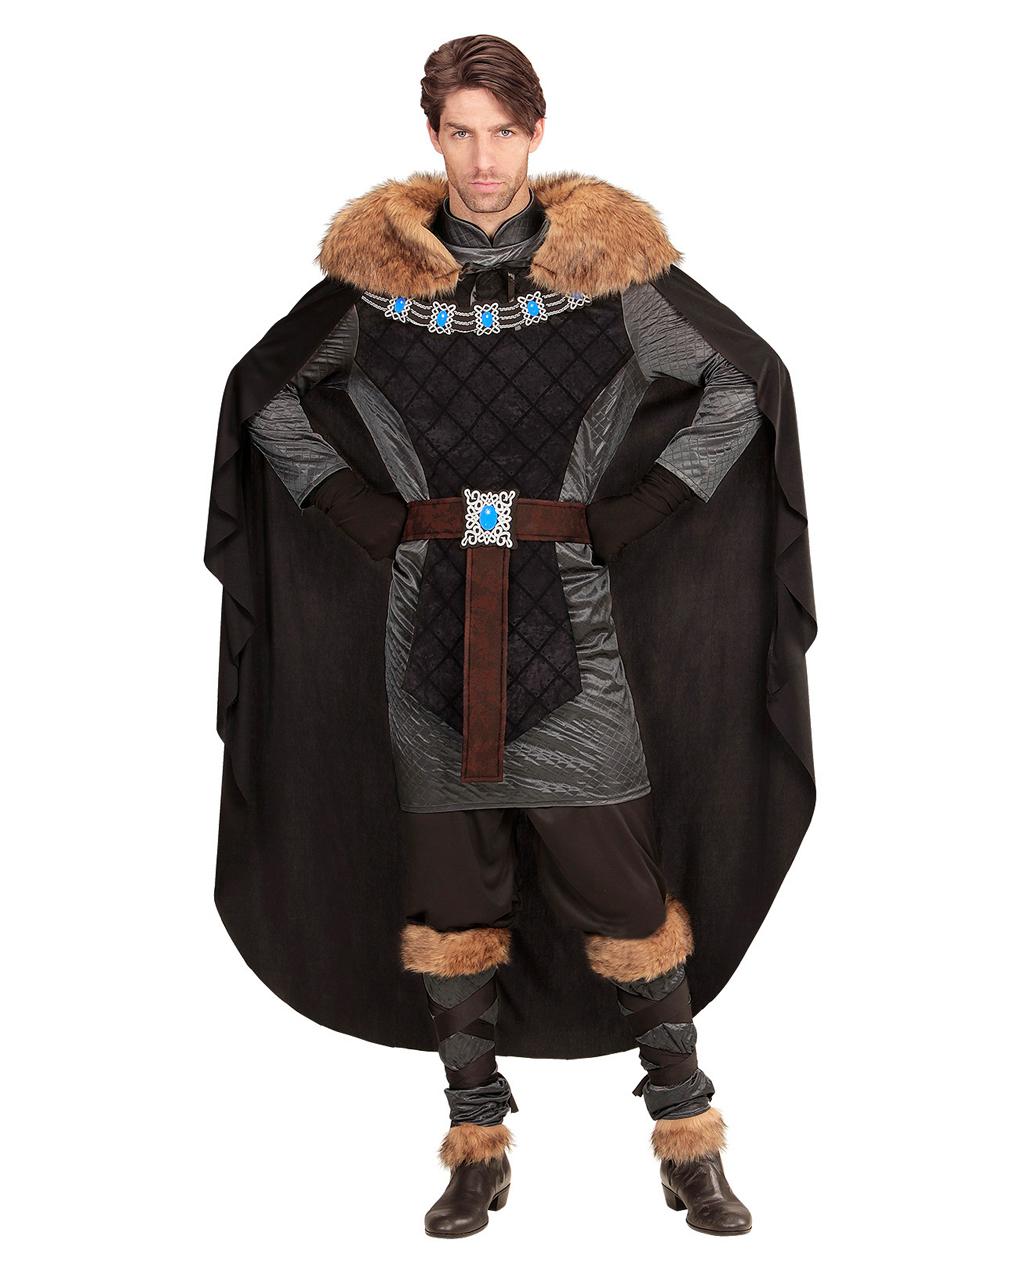 medieval prince costume for halloween horror. Black Bedroom Furniture Sets. Home Design Ideas